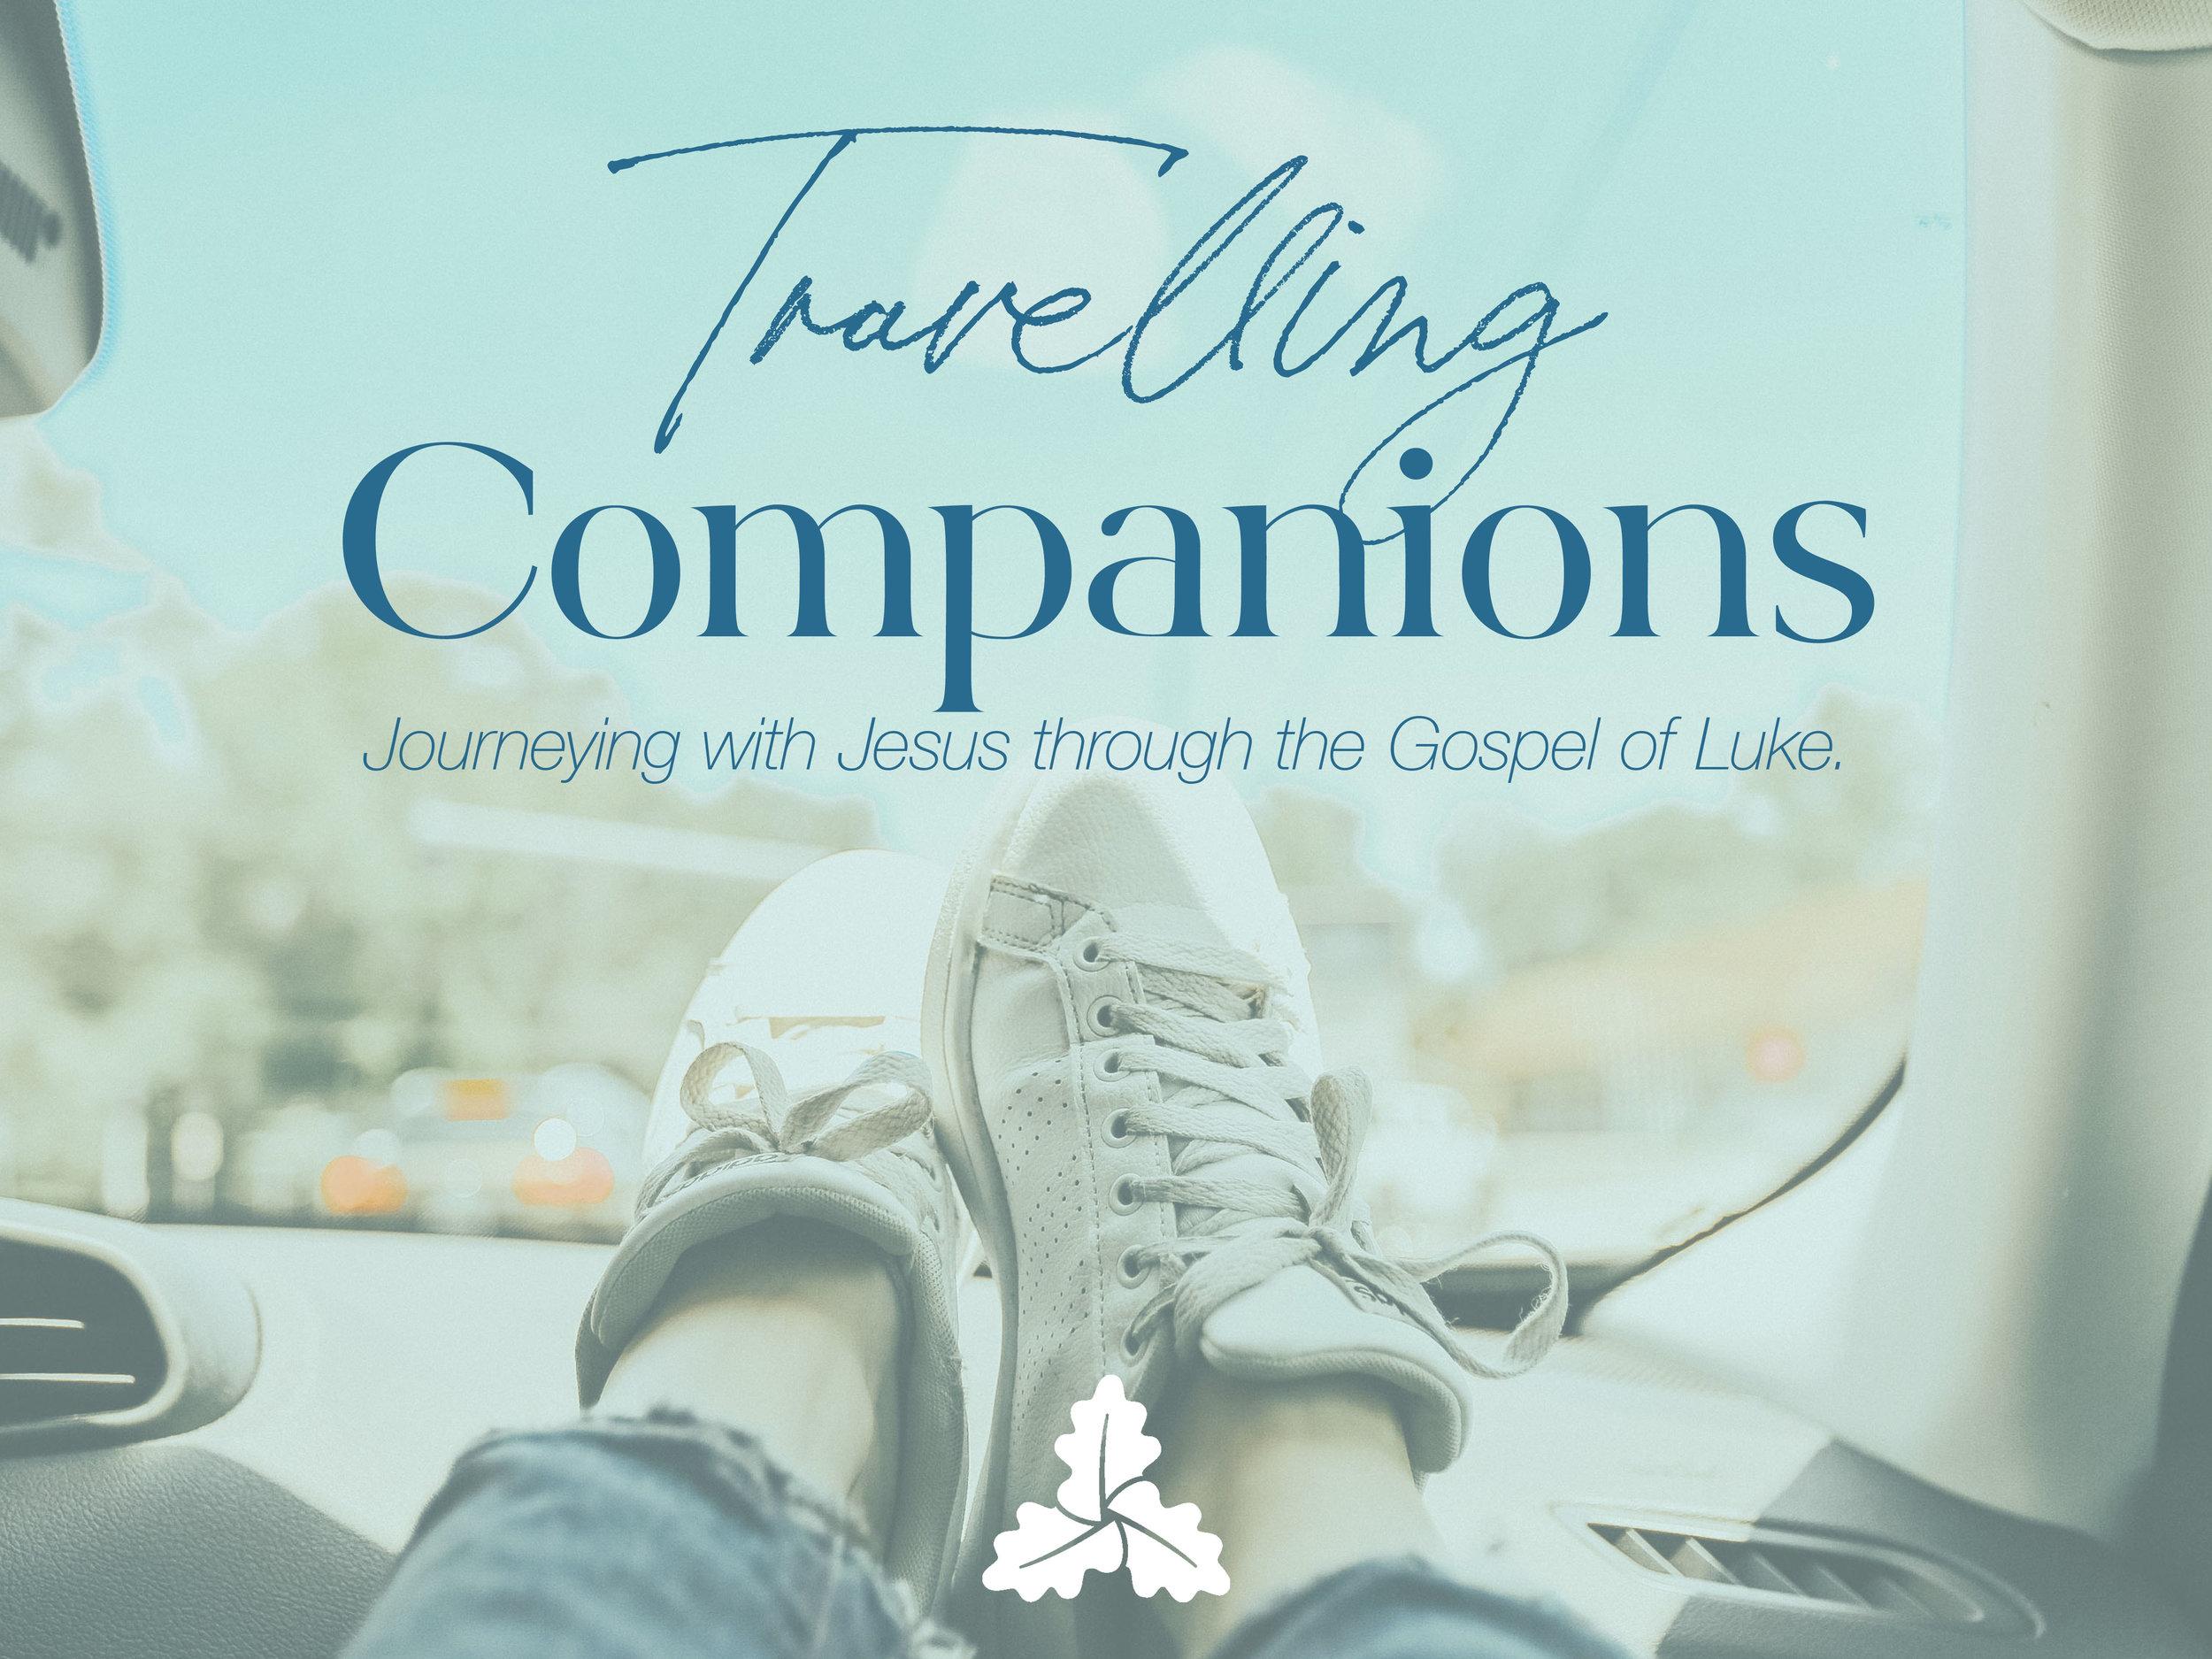 HTR - Traveling Companions (Luke).jpg